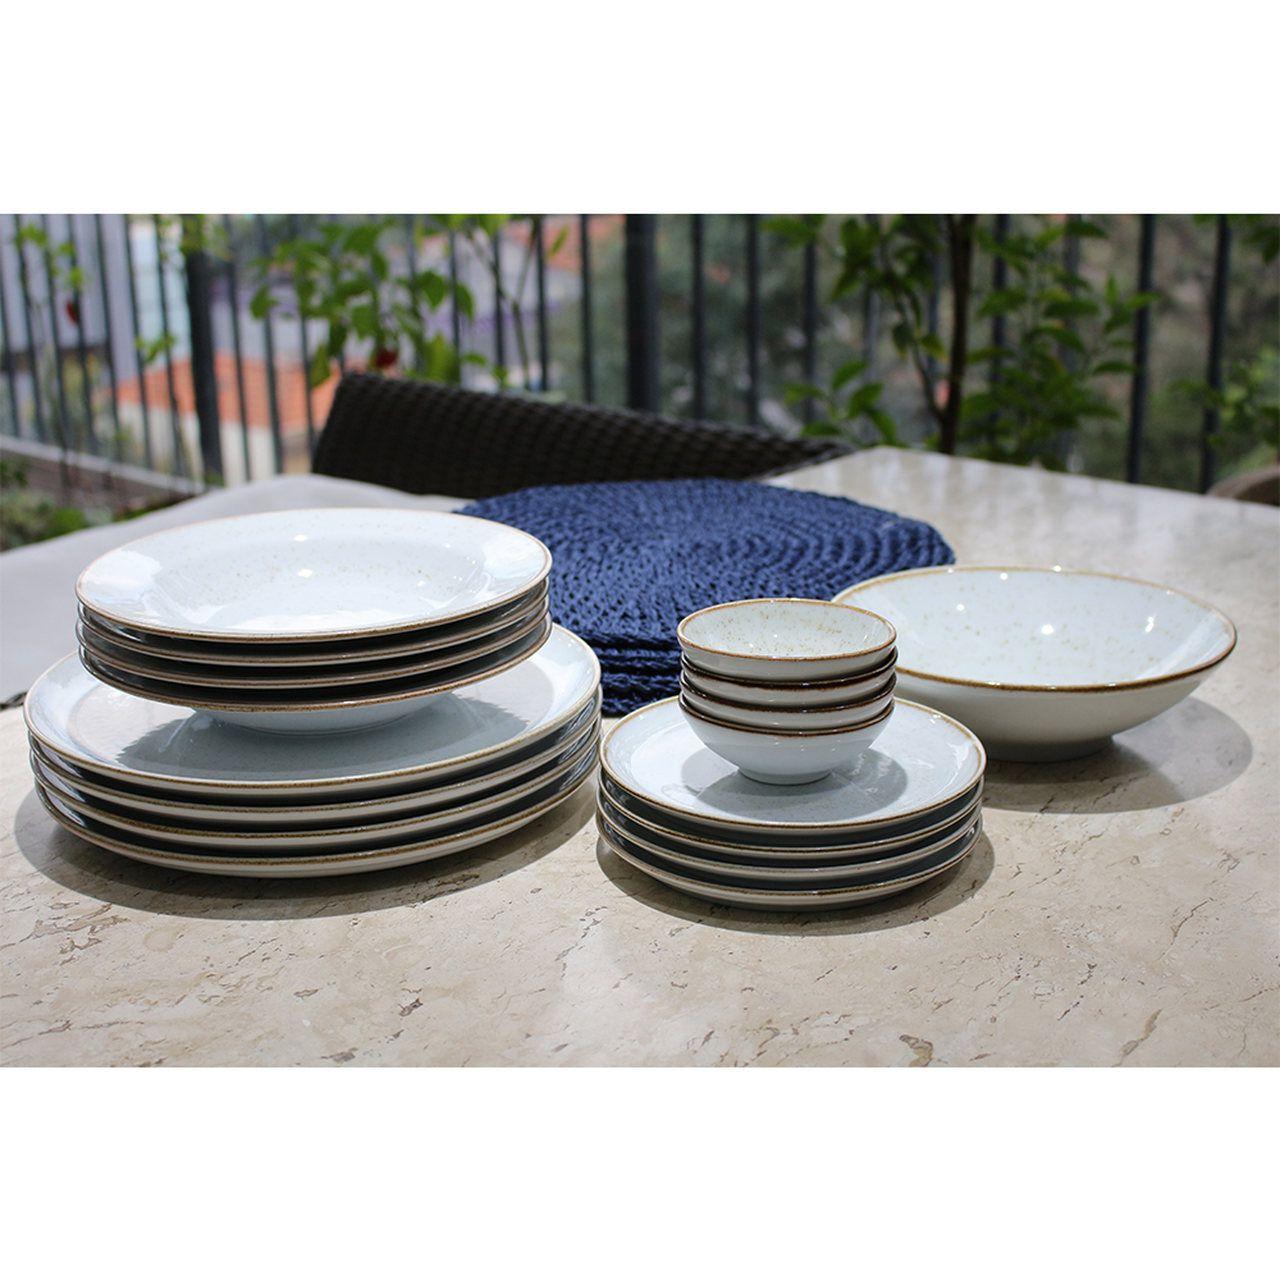 Jogo de Jantar de Porcelana Artisan com Jogo Americano-21 peças